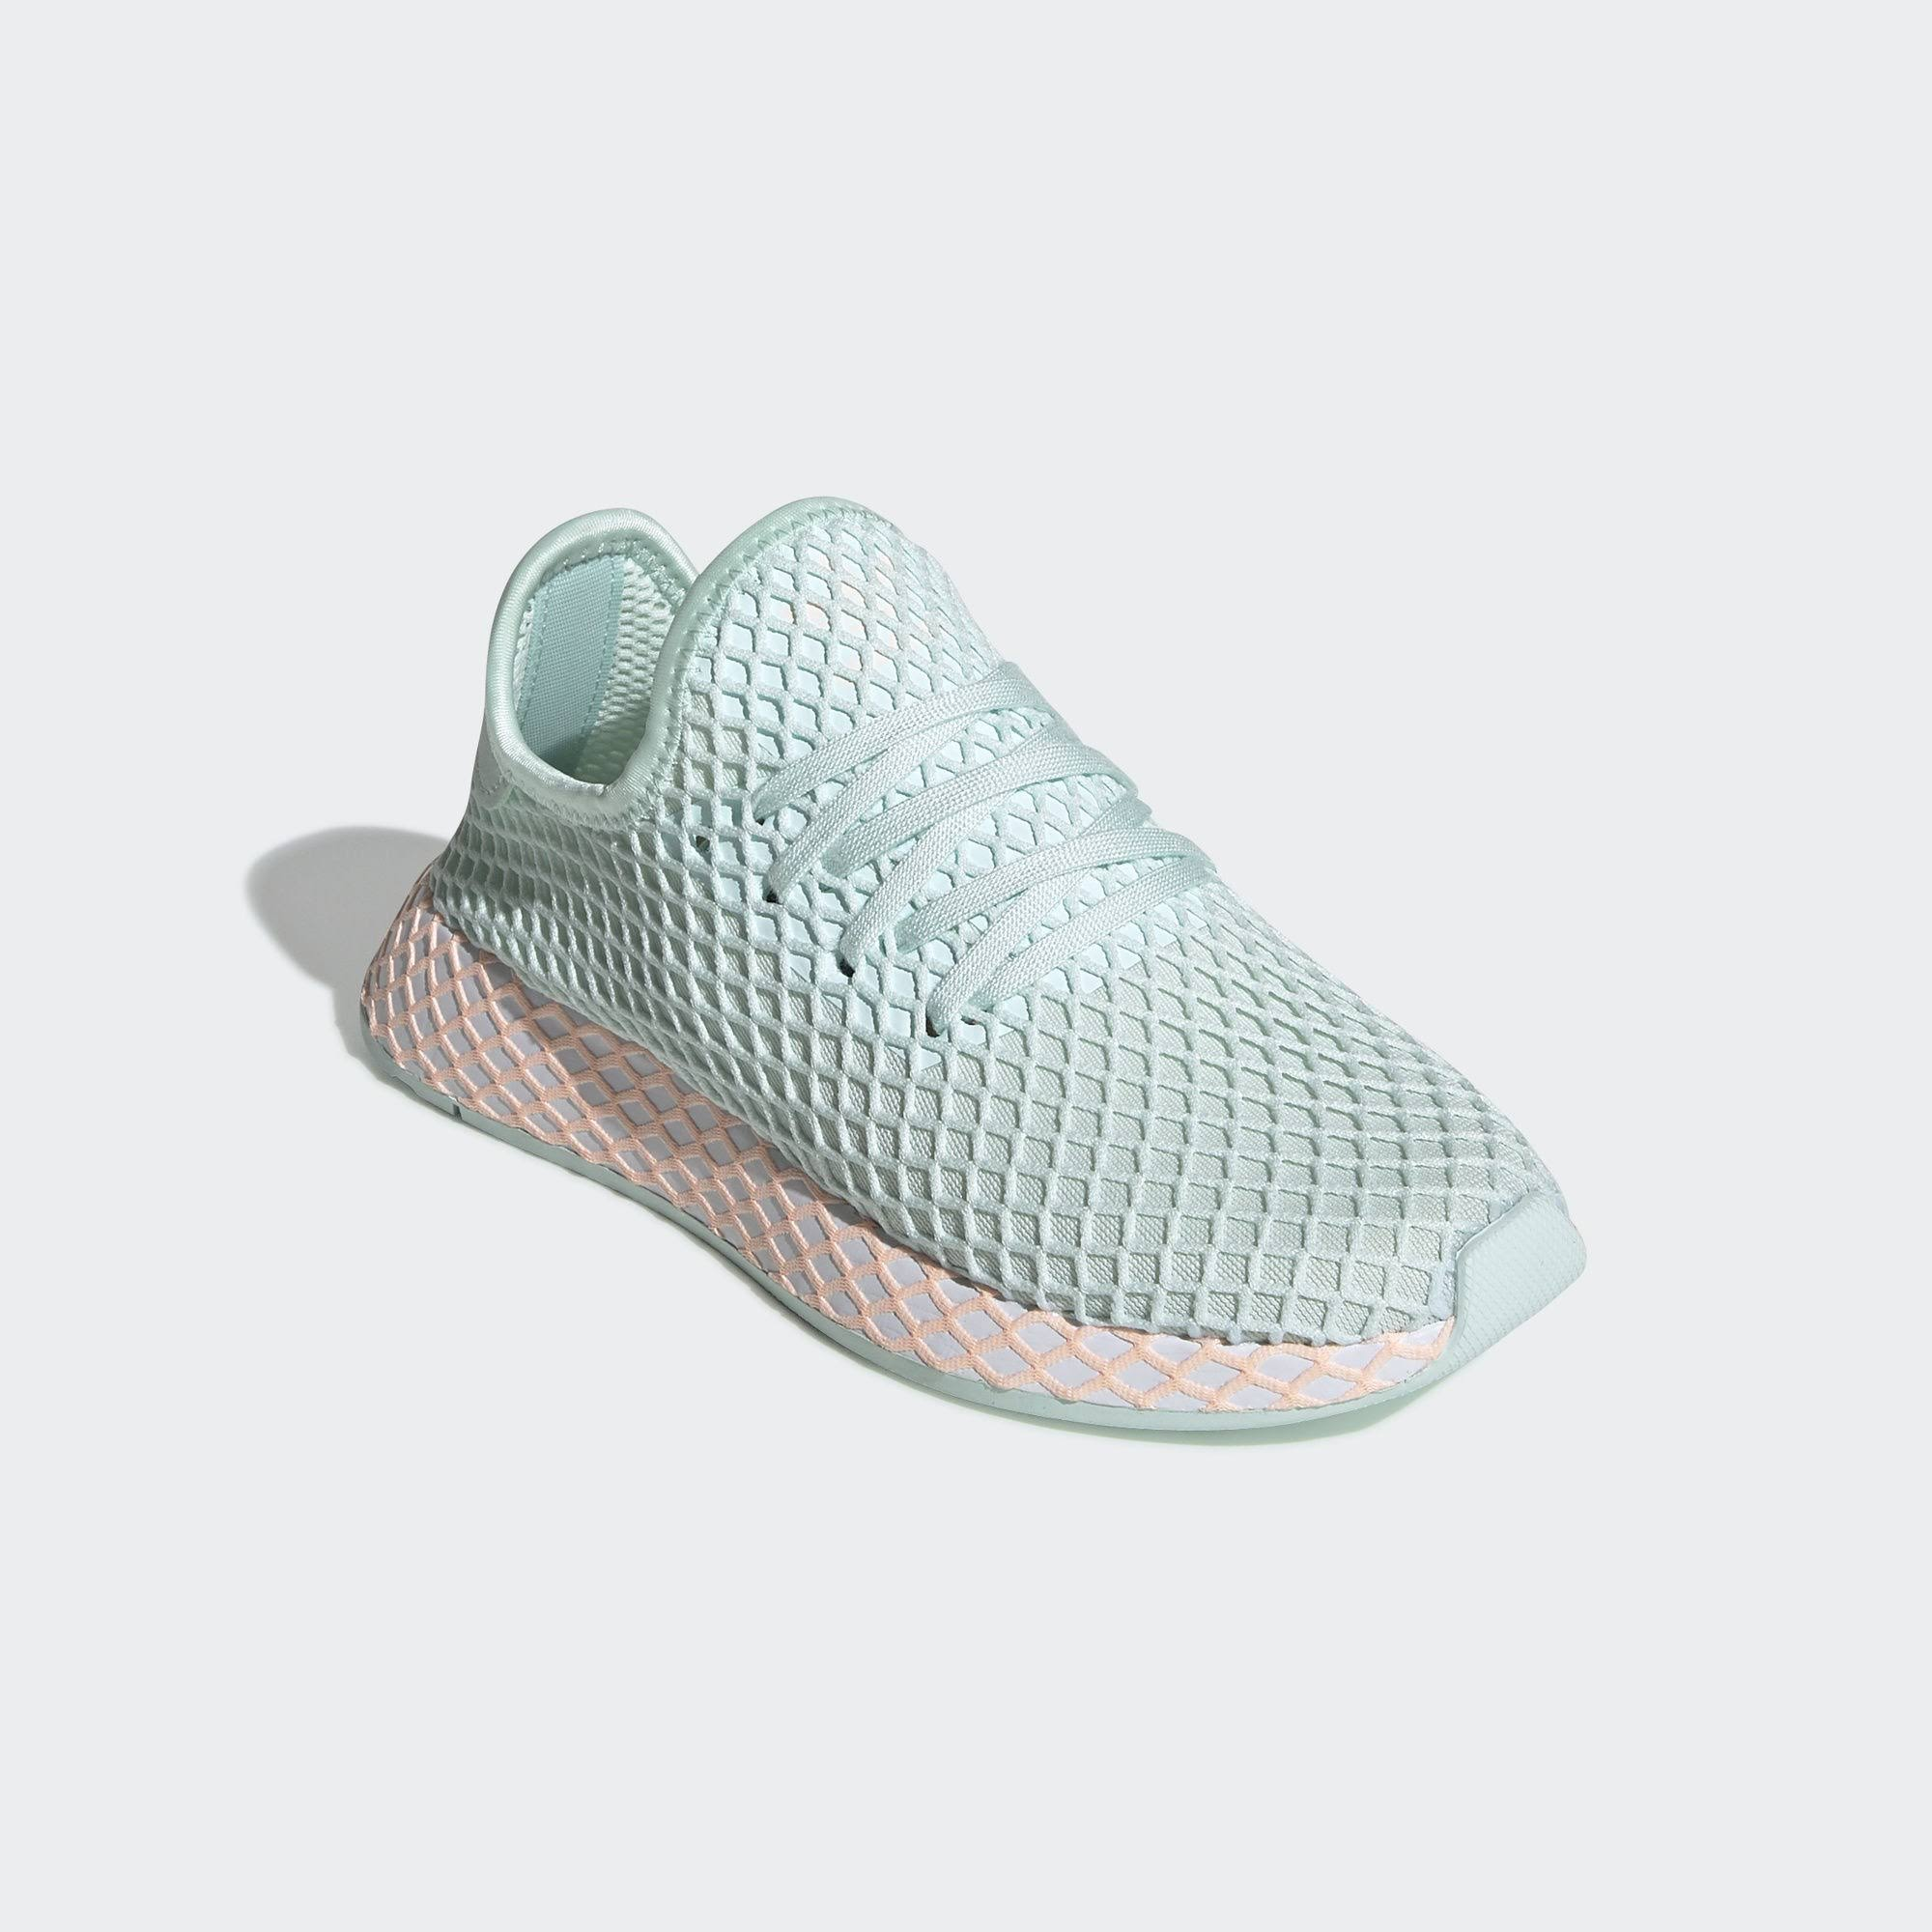 Ice Mint Adidas Grün clear Deerupt Orange ftwr White Türkis Originals Sneaker Runner ice Orange Cg6841 azOawrAq